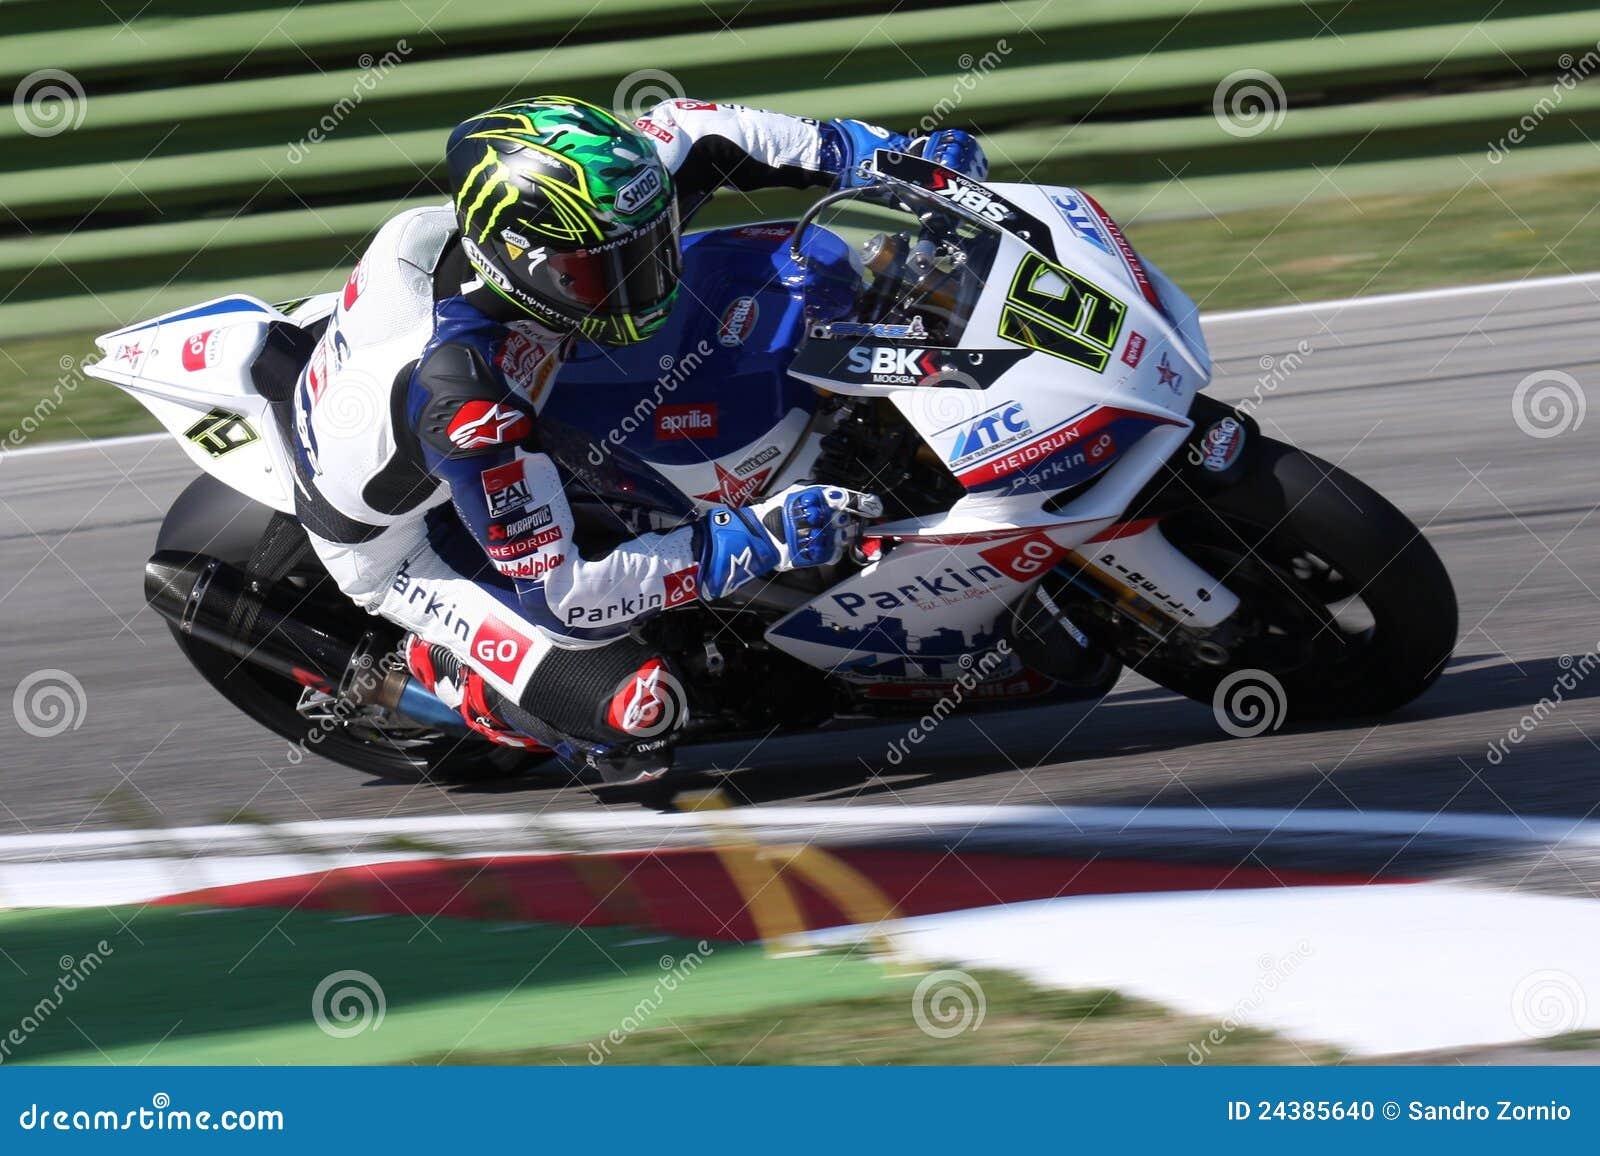 Chaz Davies - Aprilia RSV4 - ParkinGO MTC Racing